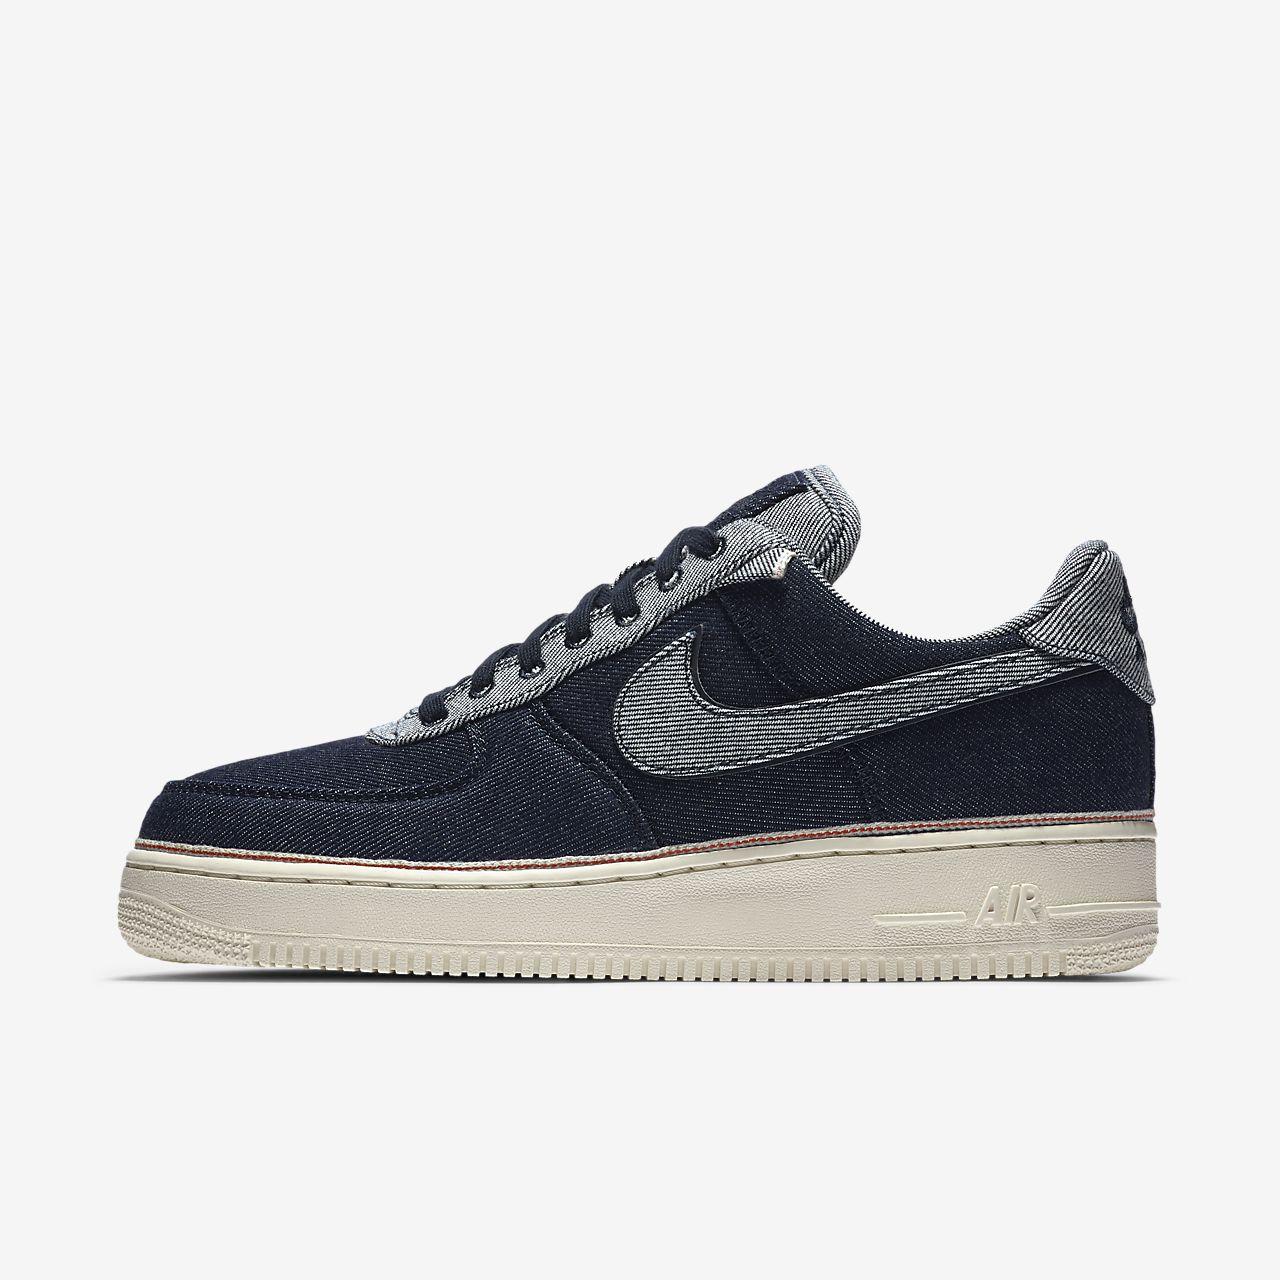 Nike Air Force 1 '07PRM男子运动鞋